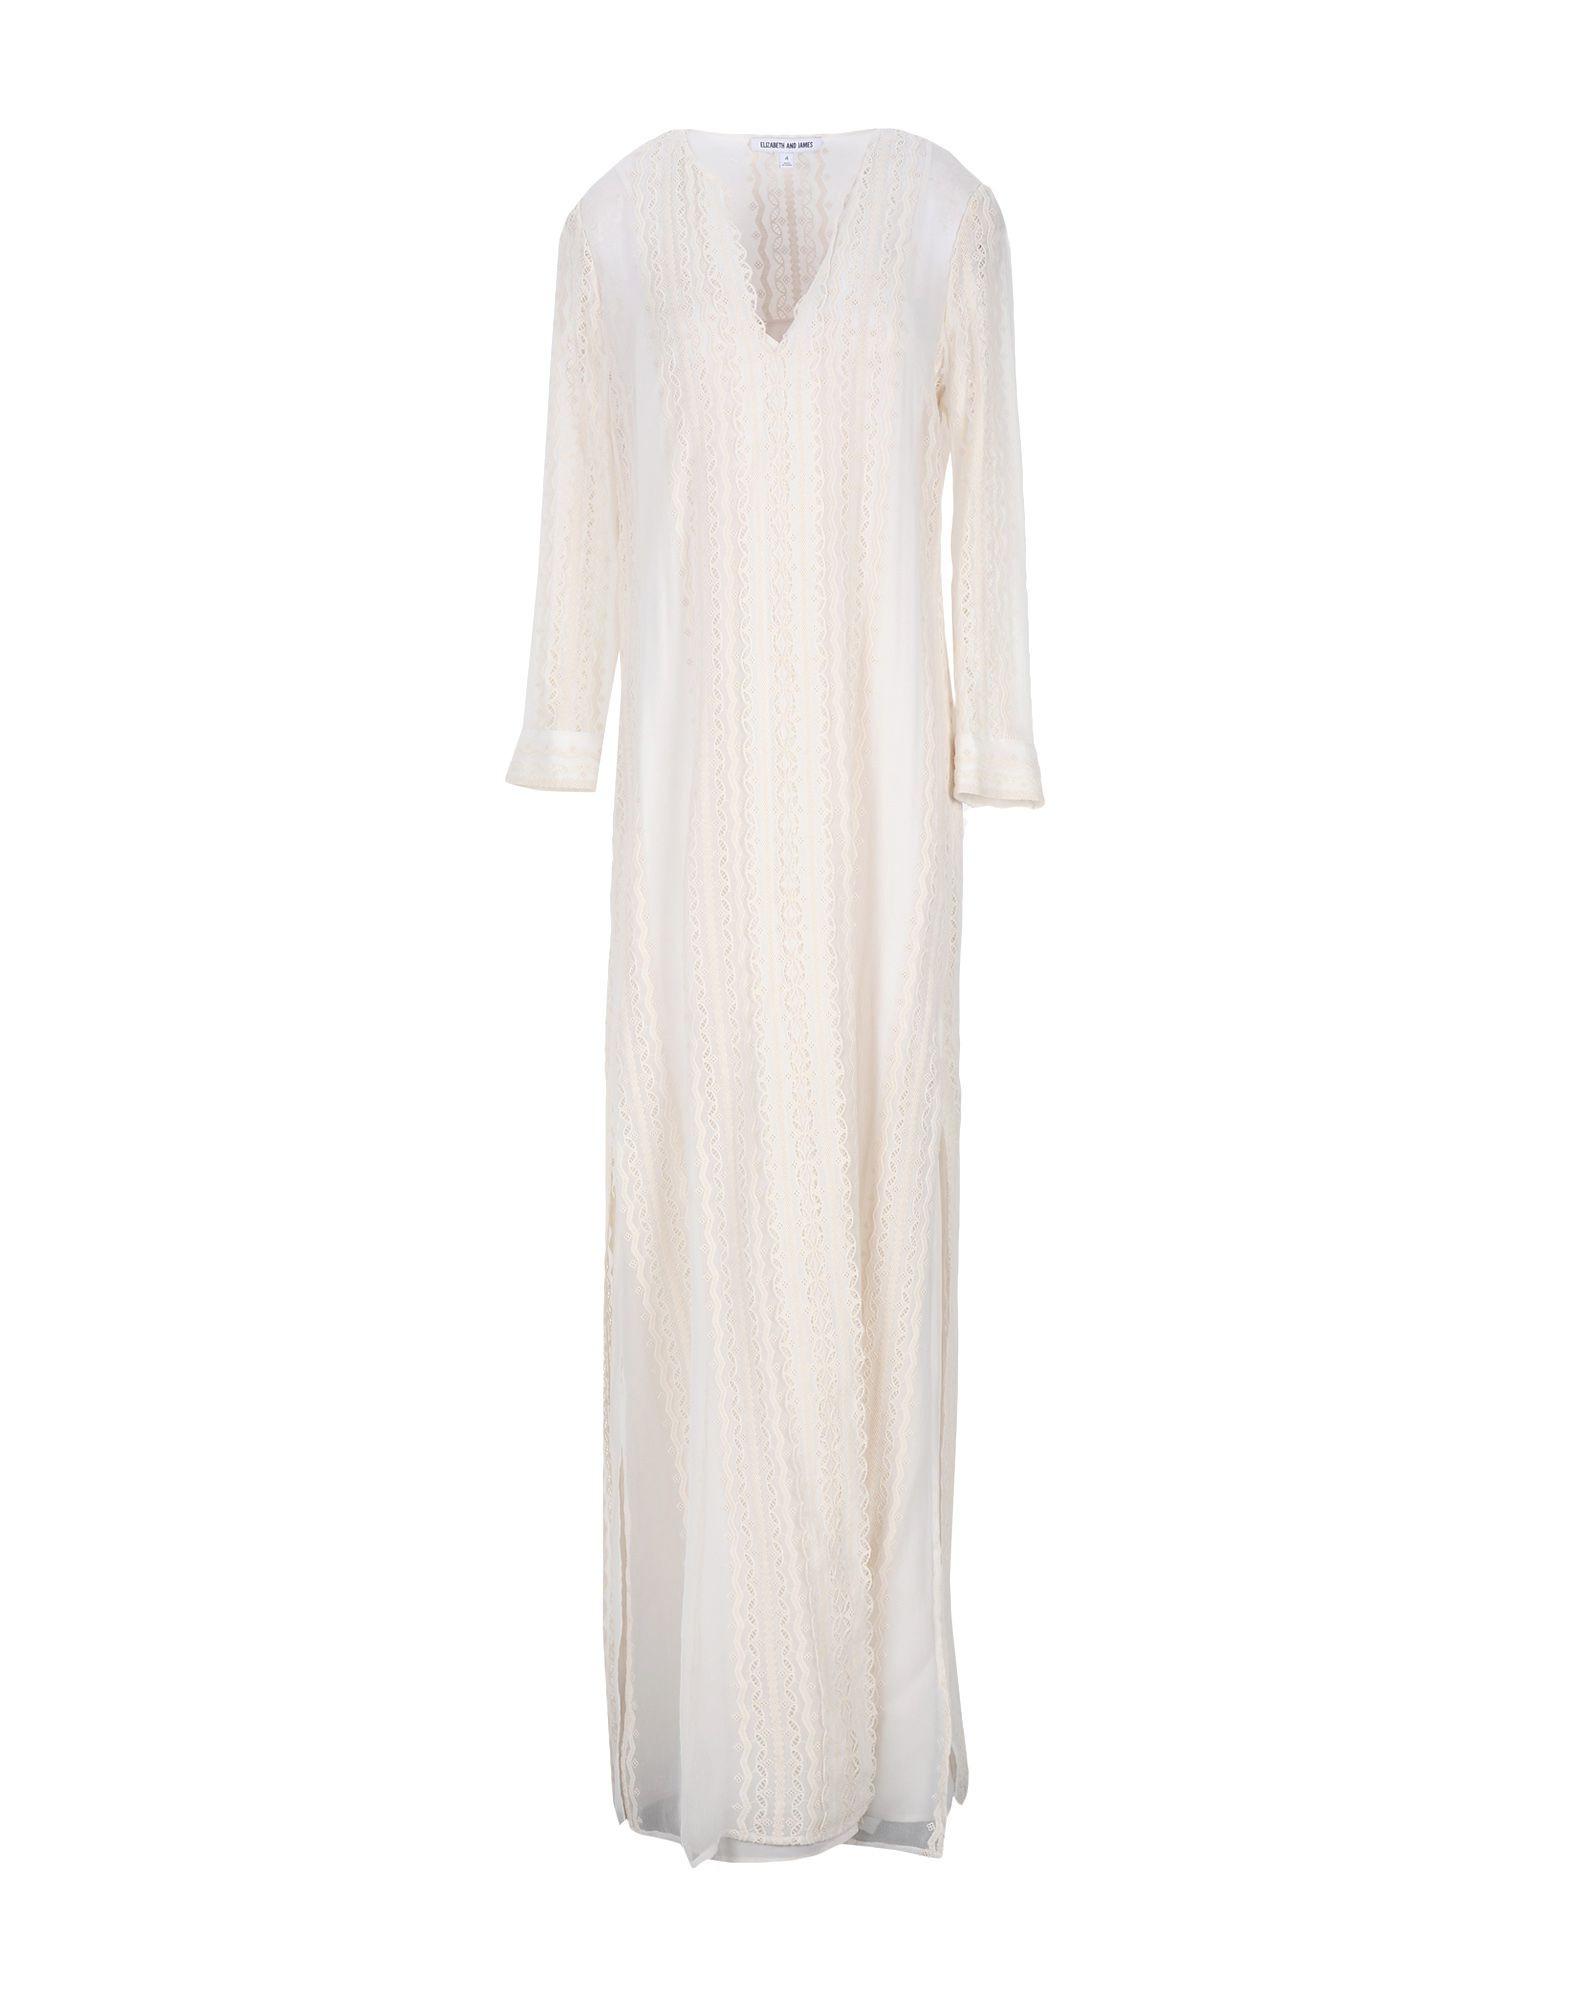 10 Luxurius Abendkleider Yoox VertriebDesigner Fantastisch Abendkleider Yoox Bester Preis